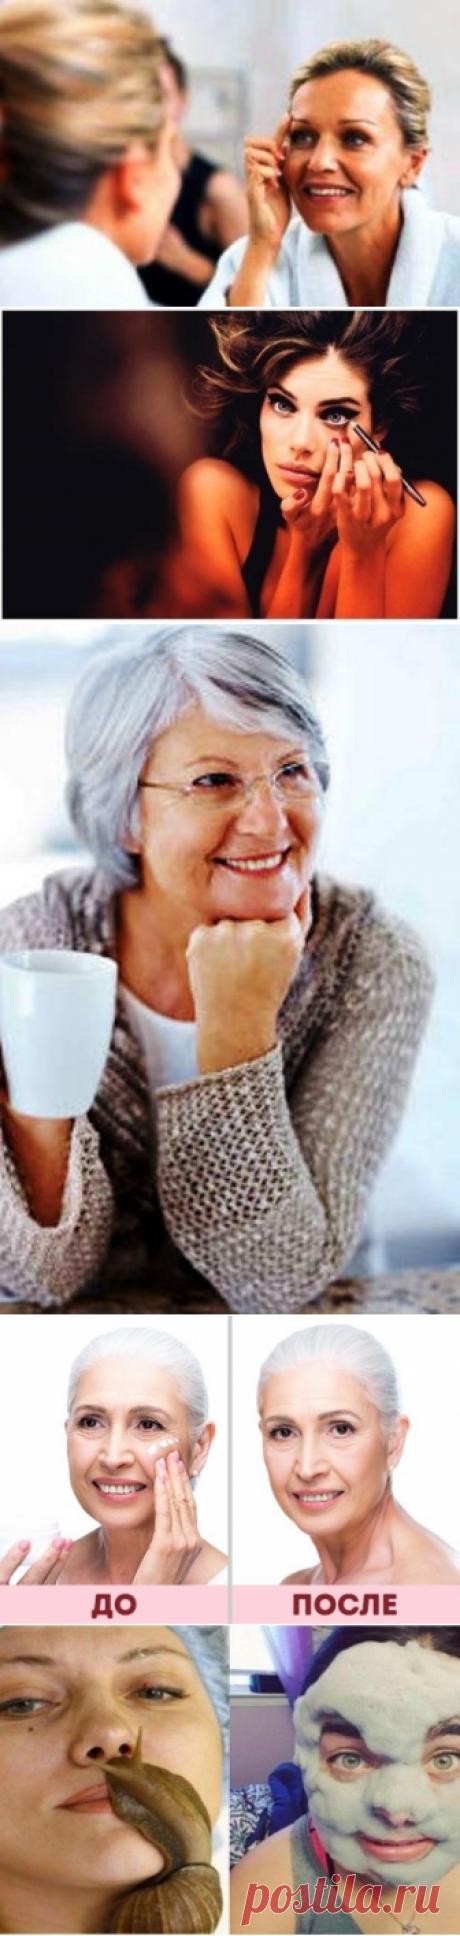 Пенсионерка делится опытом — как выглядеть на все сто при маленьких доходах